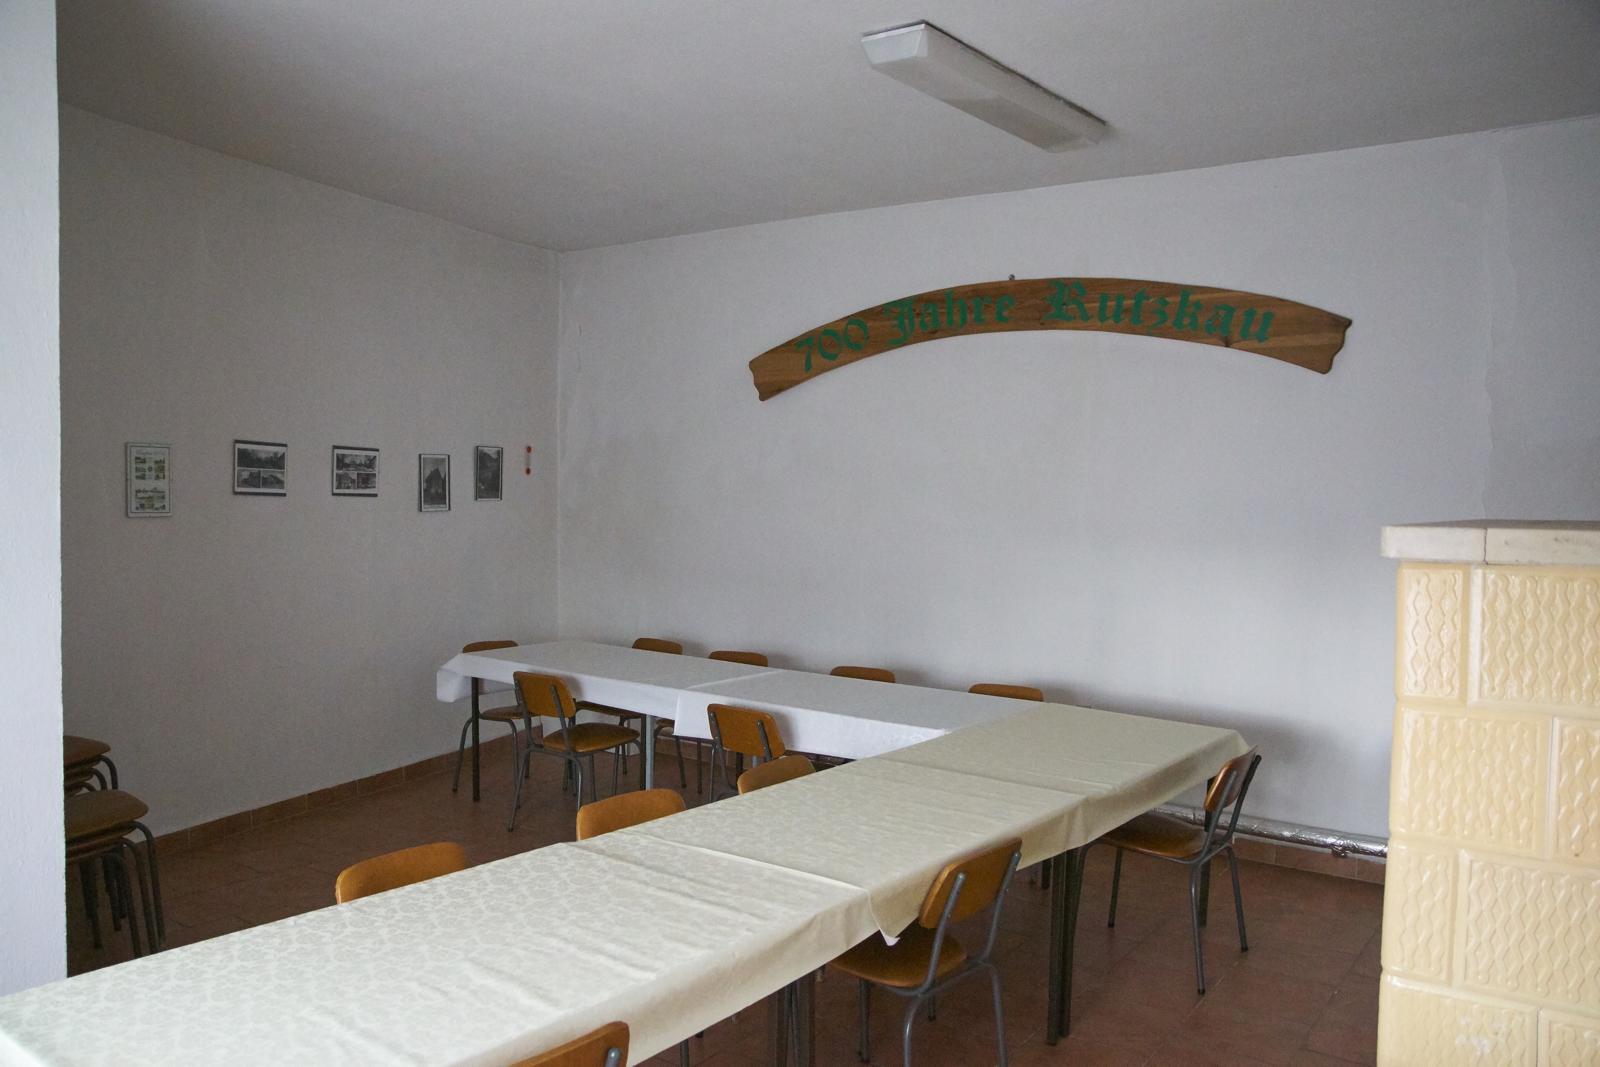 Gemeindezentrum Rutzkau_017